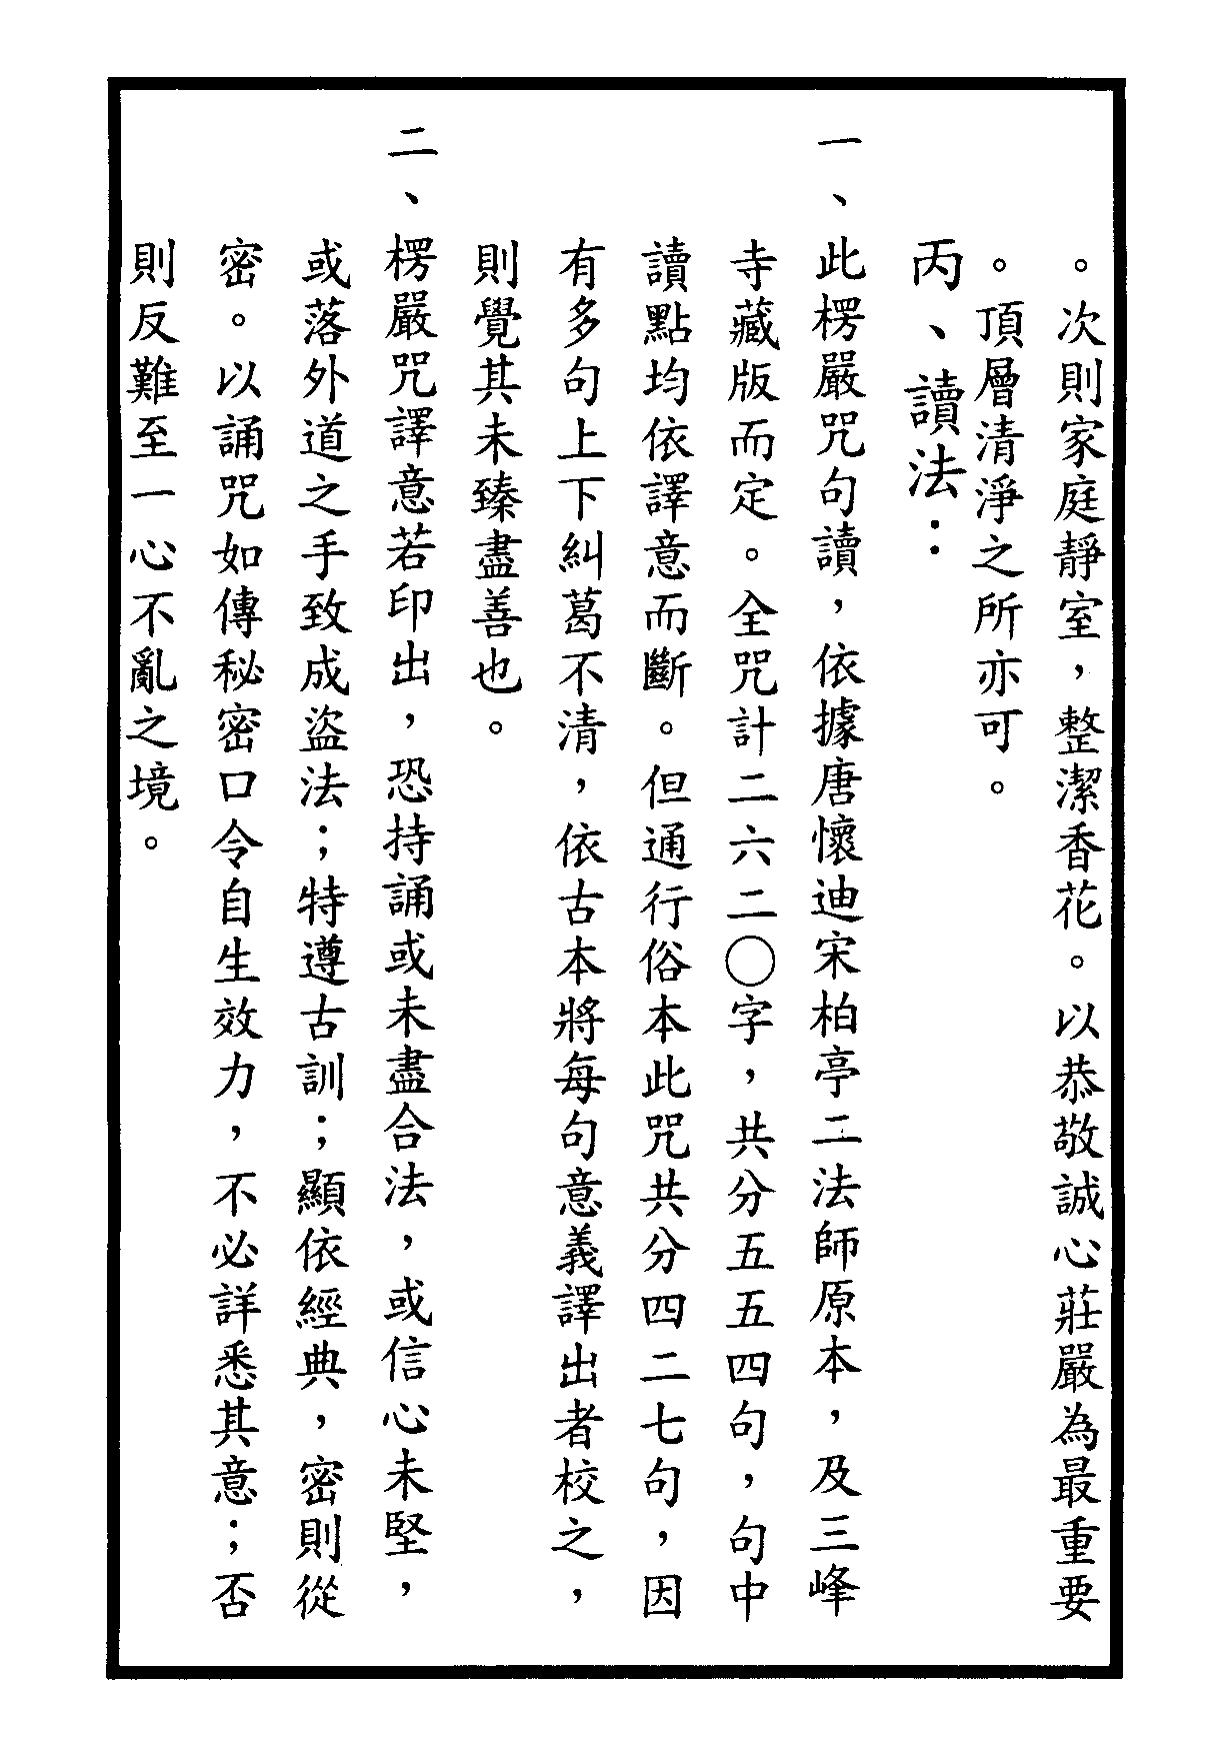 楞嚴咒-大悲咒-十小咒-易背本 5.png